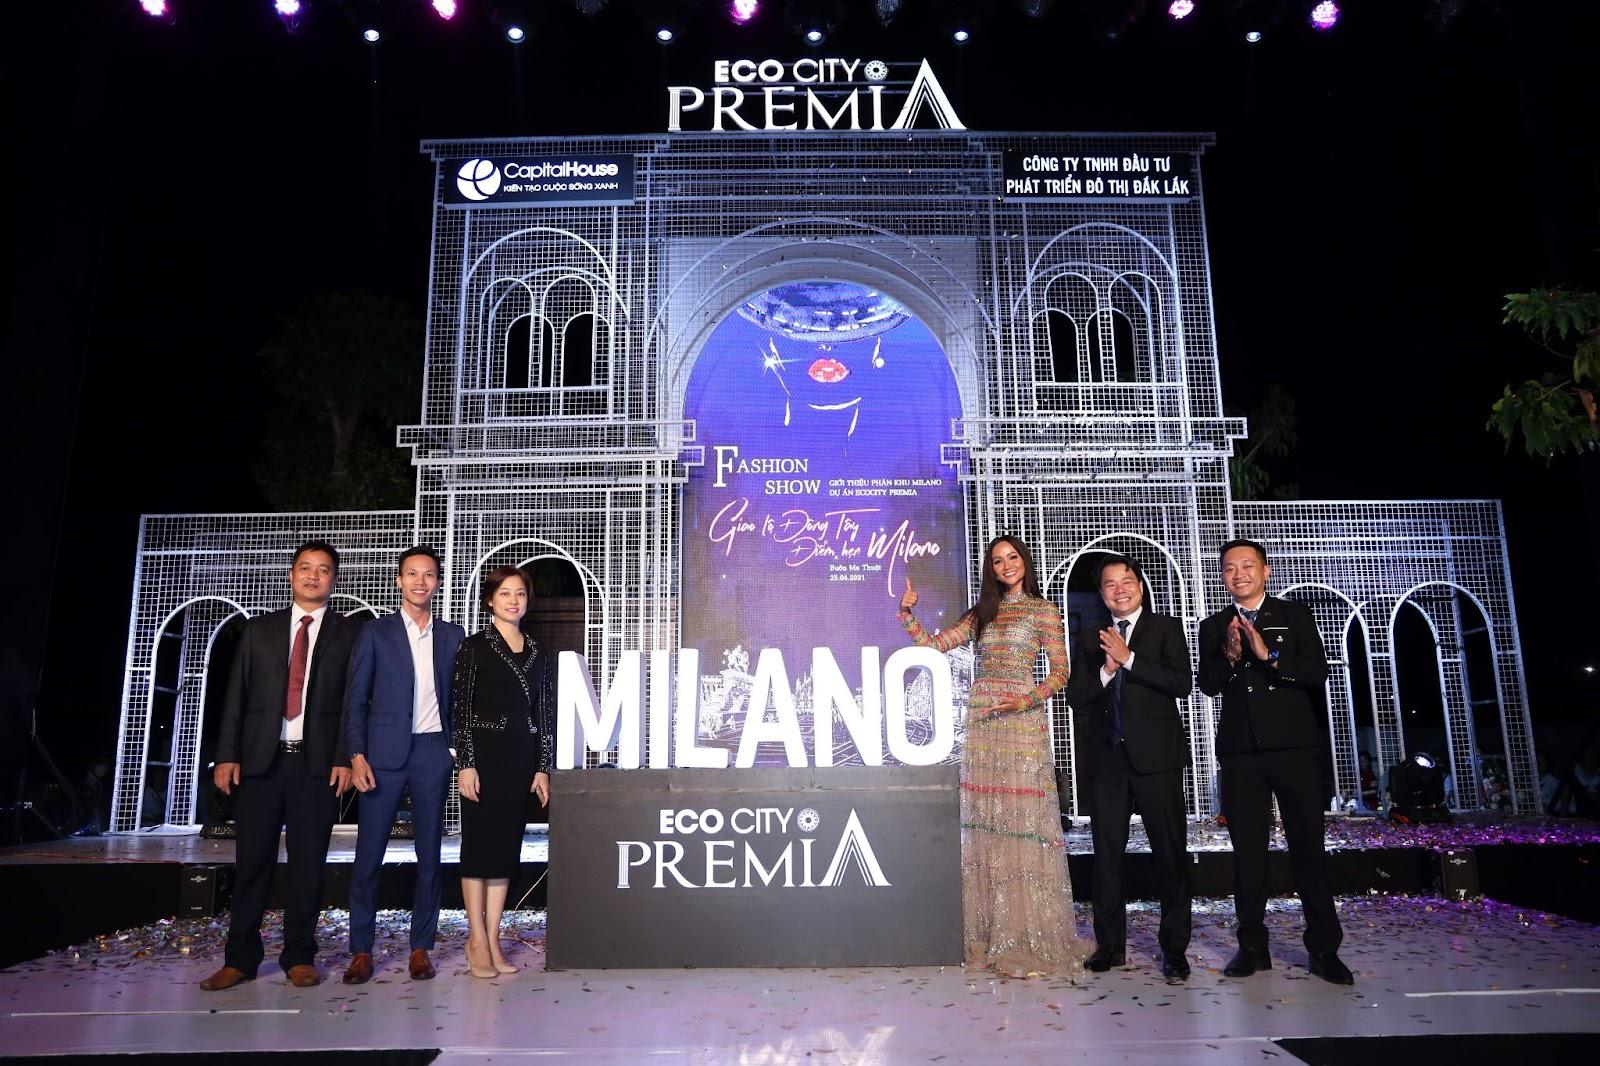 Thắp sáng thành MiLan - nghi thức đặc biệt ra mắt phân khu MiLano.